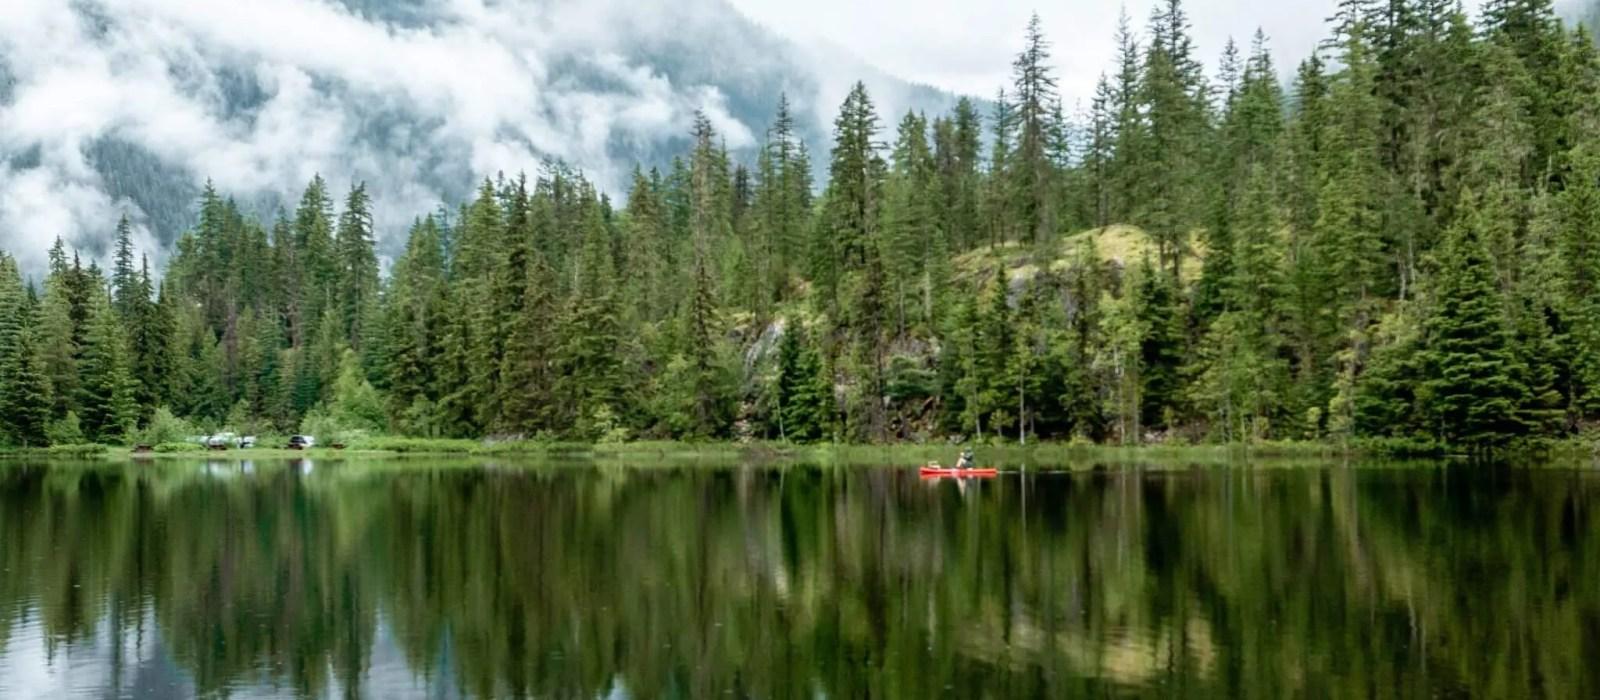 Echo Lake – Camping and Hiking Near Revelstoke